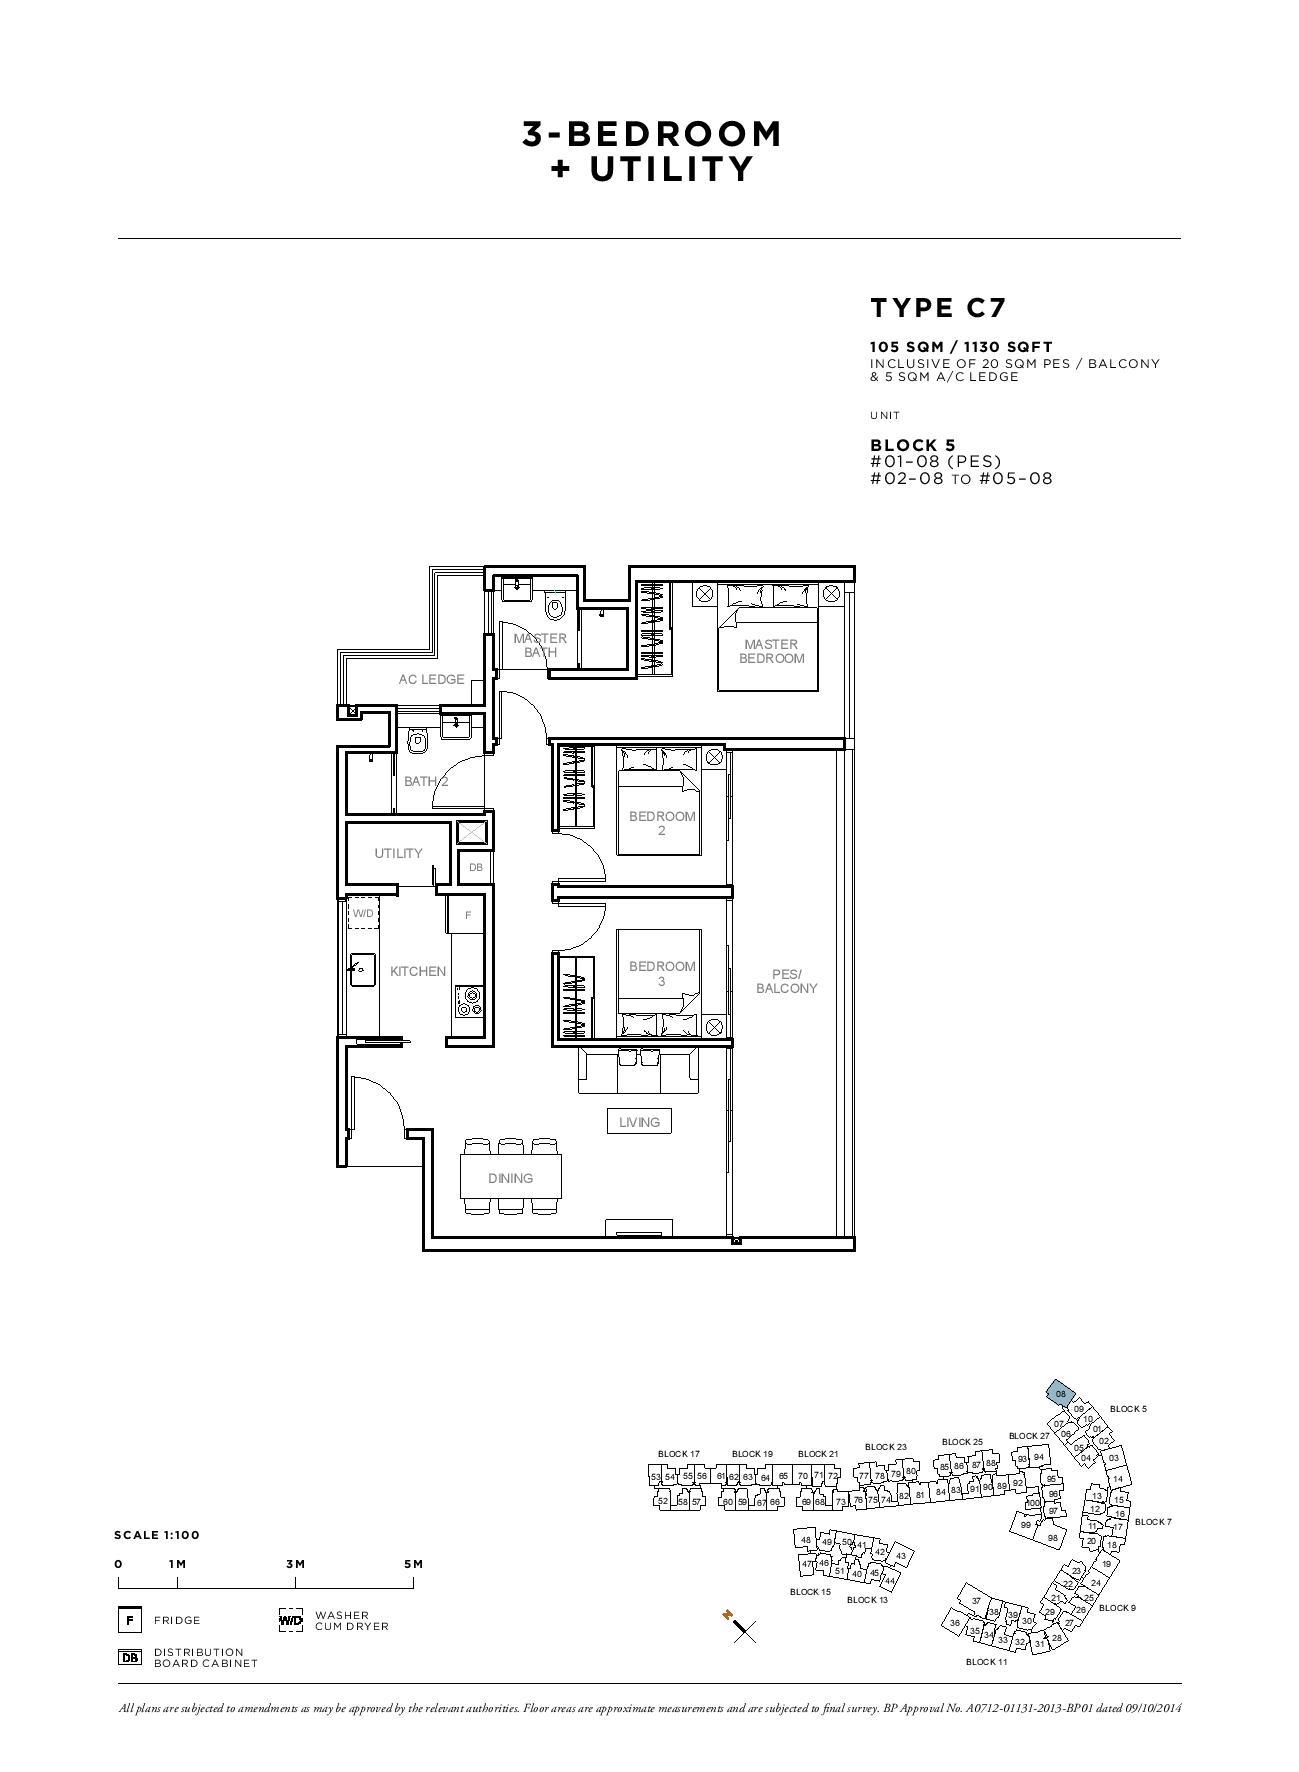 Sophia Hills 3 Bedroom + Utility Type C7 Floor Plans